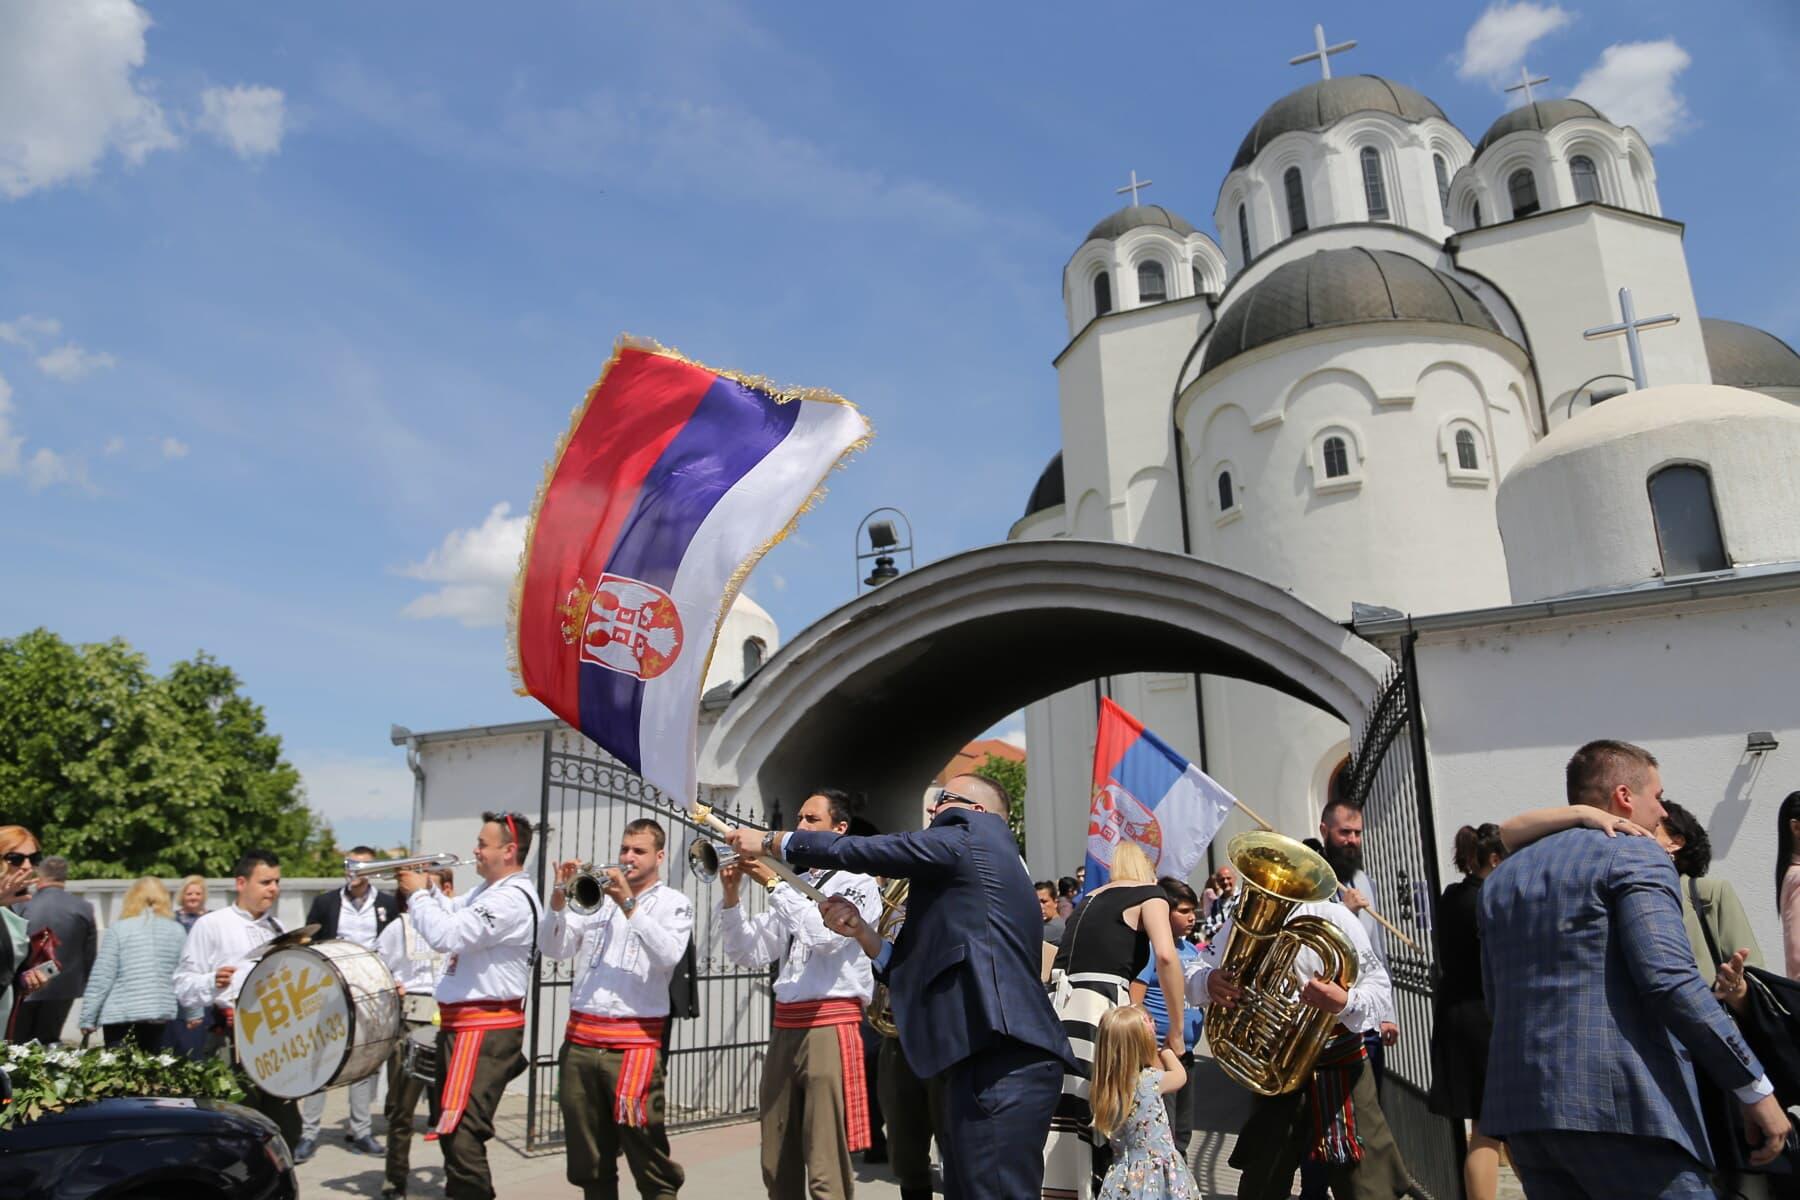 église, rue, mariage, orthodoxe, Serbie, populaire, danse, musique, piétonne, gens